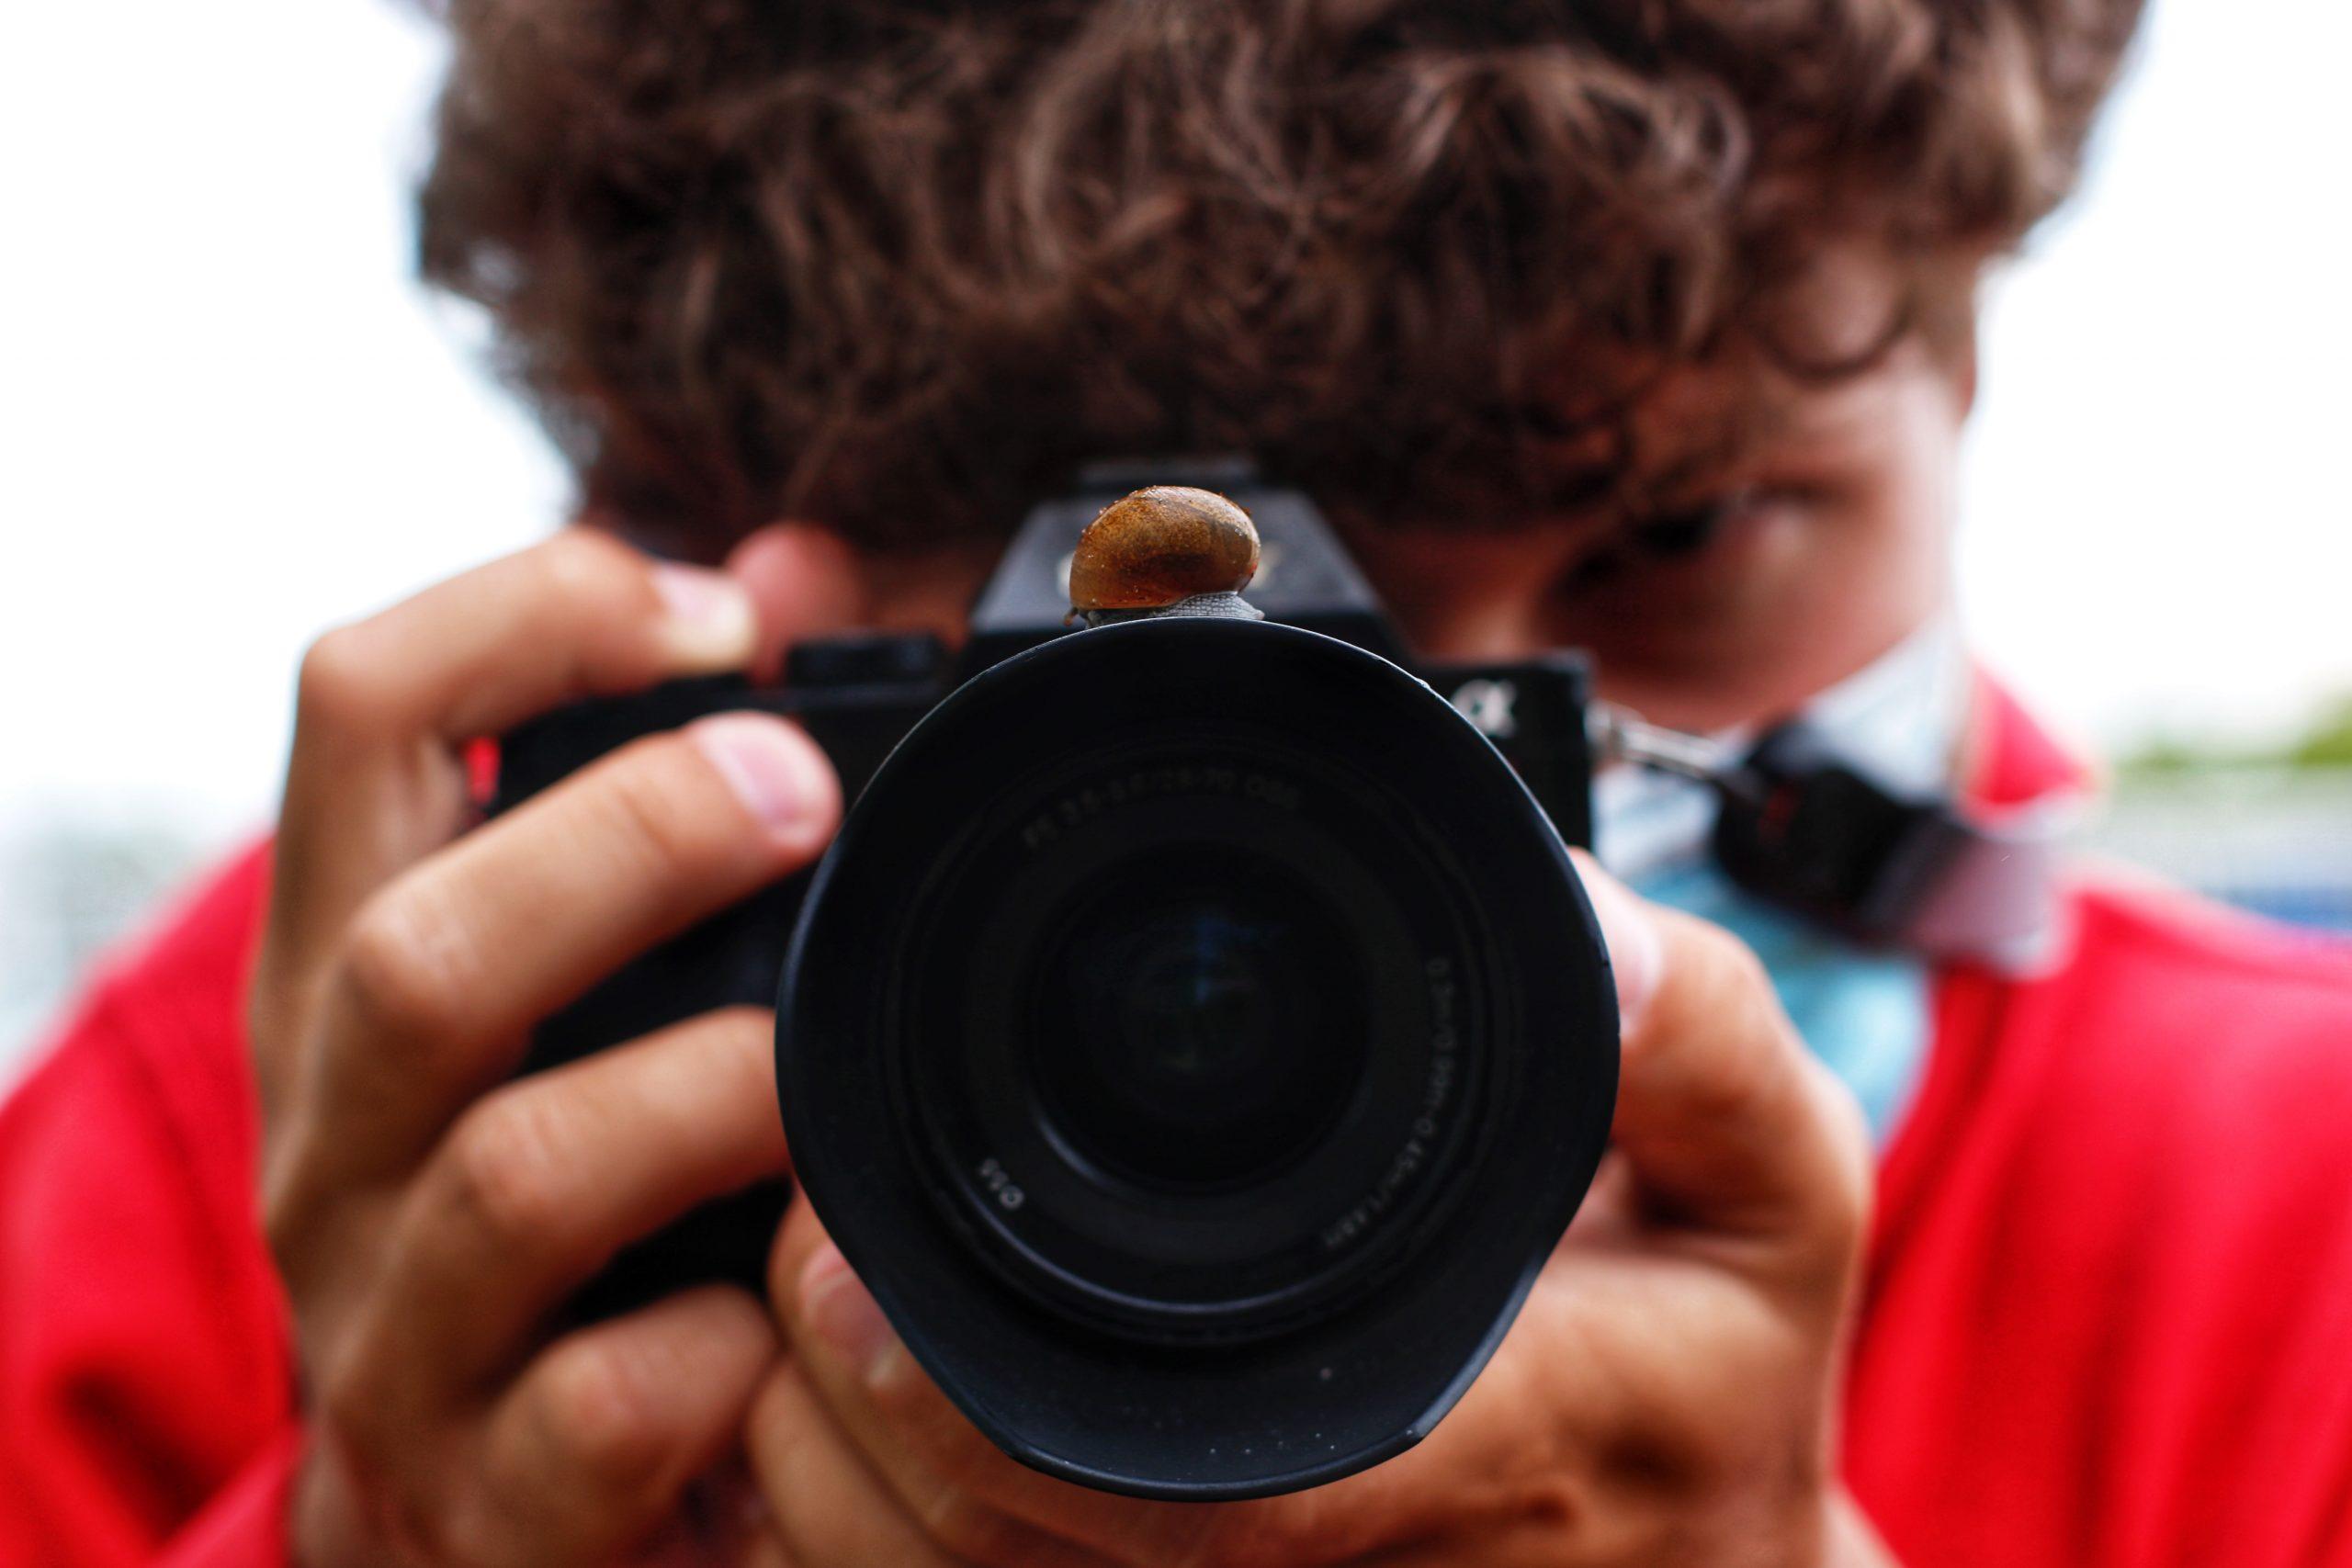 【男性サラリーマン必見】「ハメ撮り」を販売してお金を稼ぐ方法を紹介する